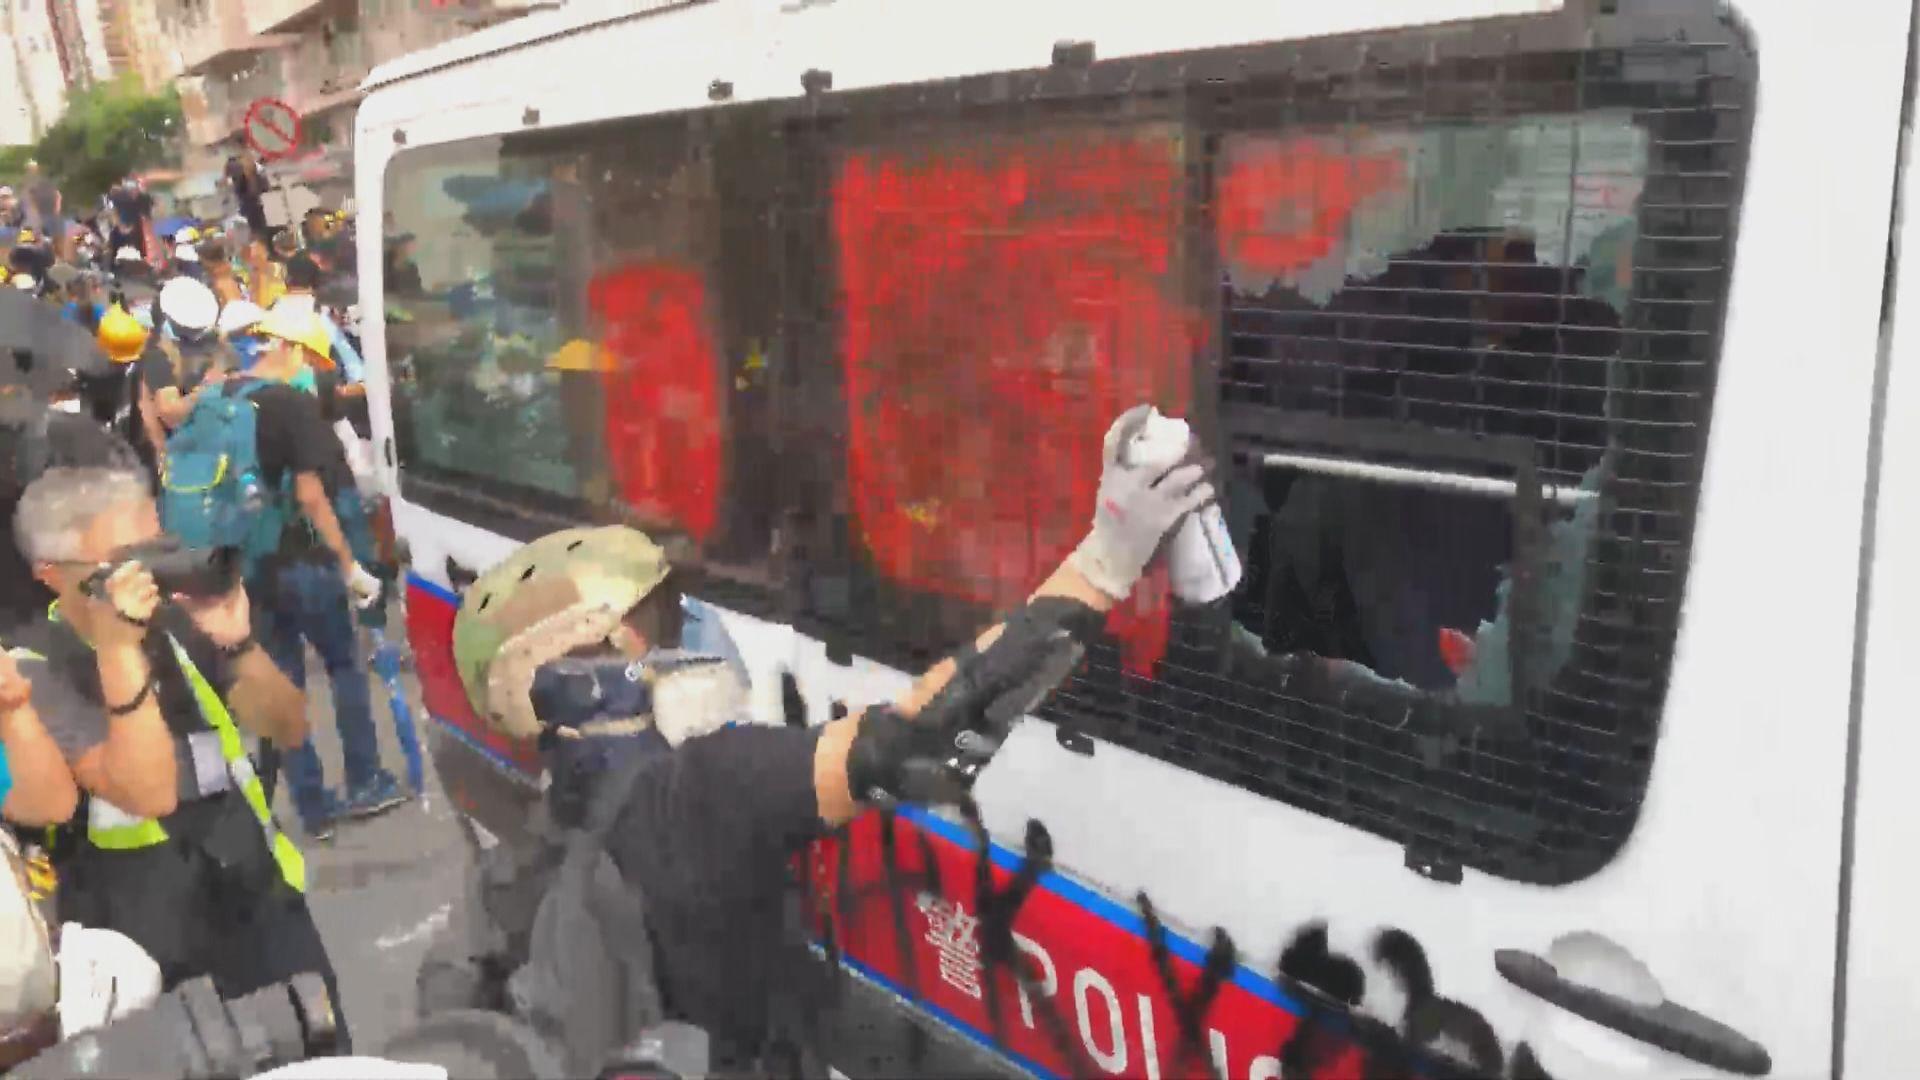 建制派聯署譴責元朗示威者使用暴力 何君堯謝偉俊及田北辰未有參與